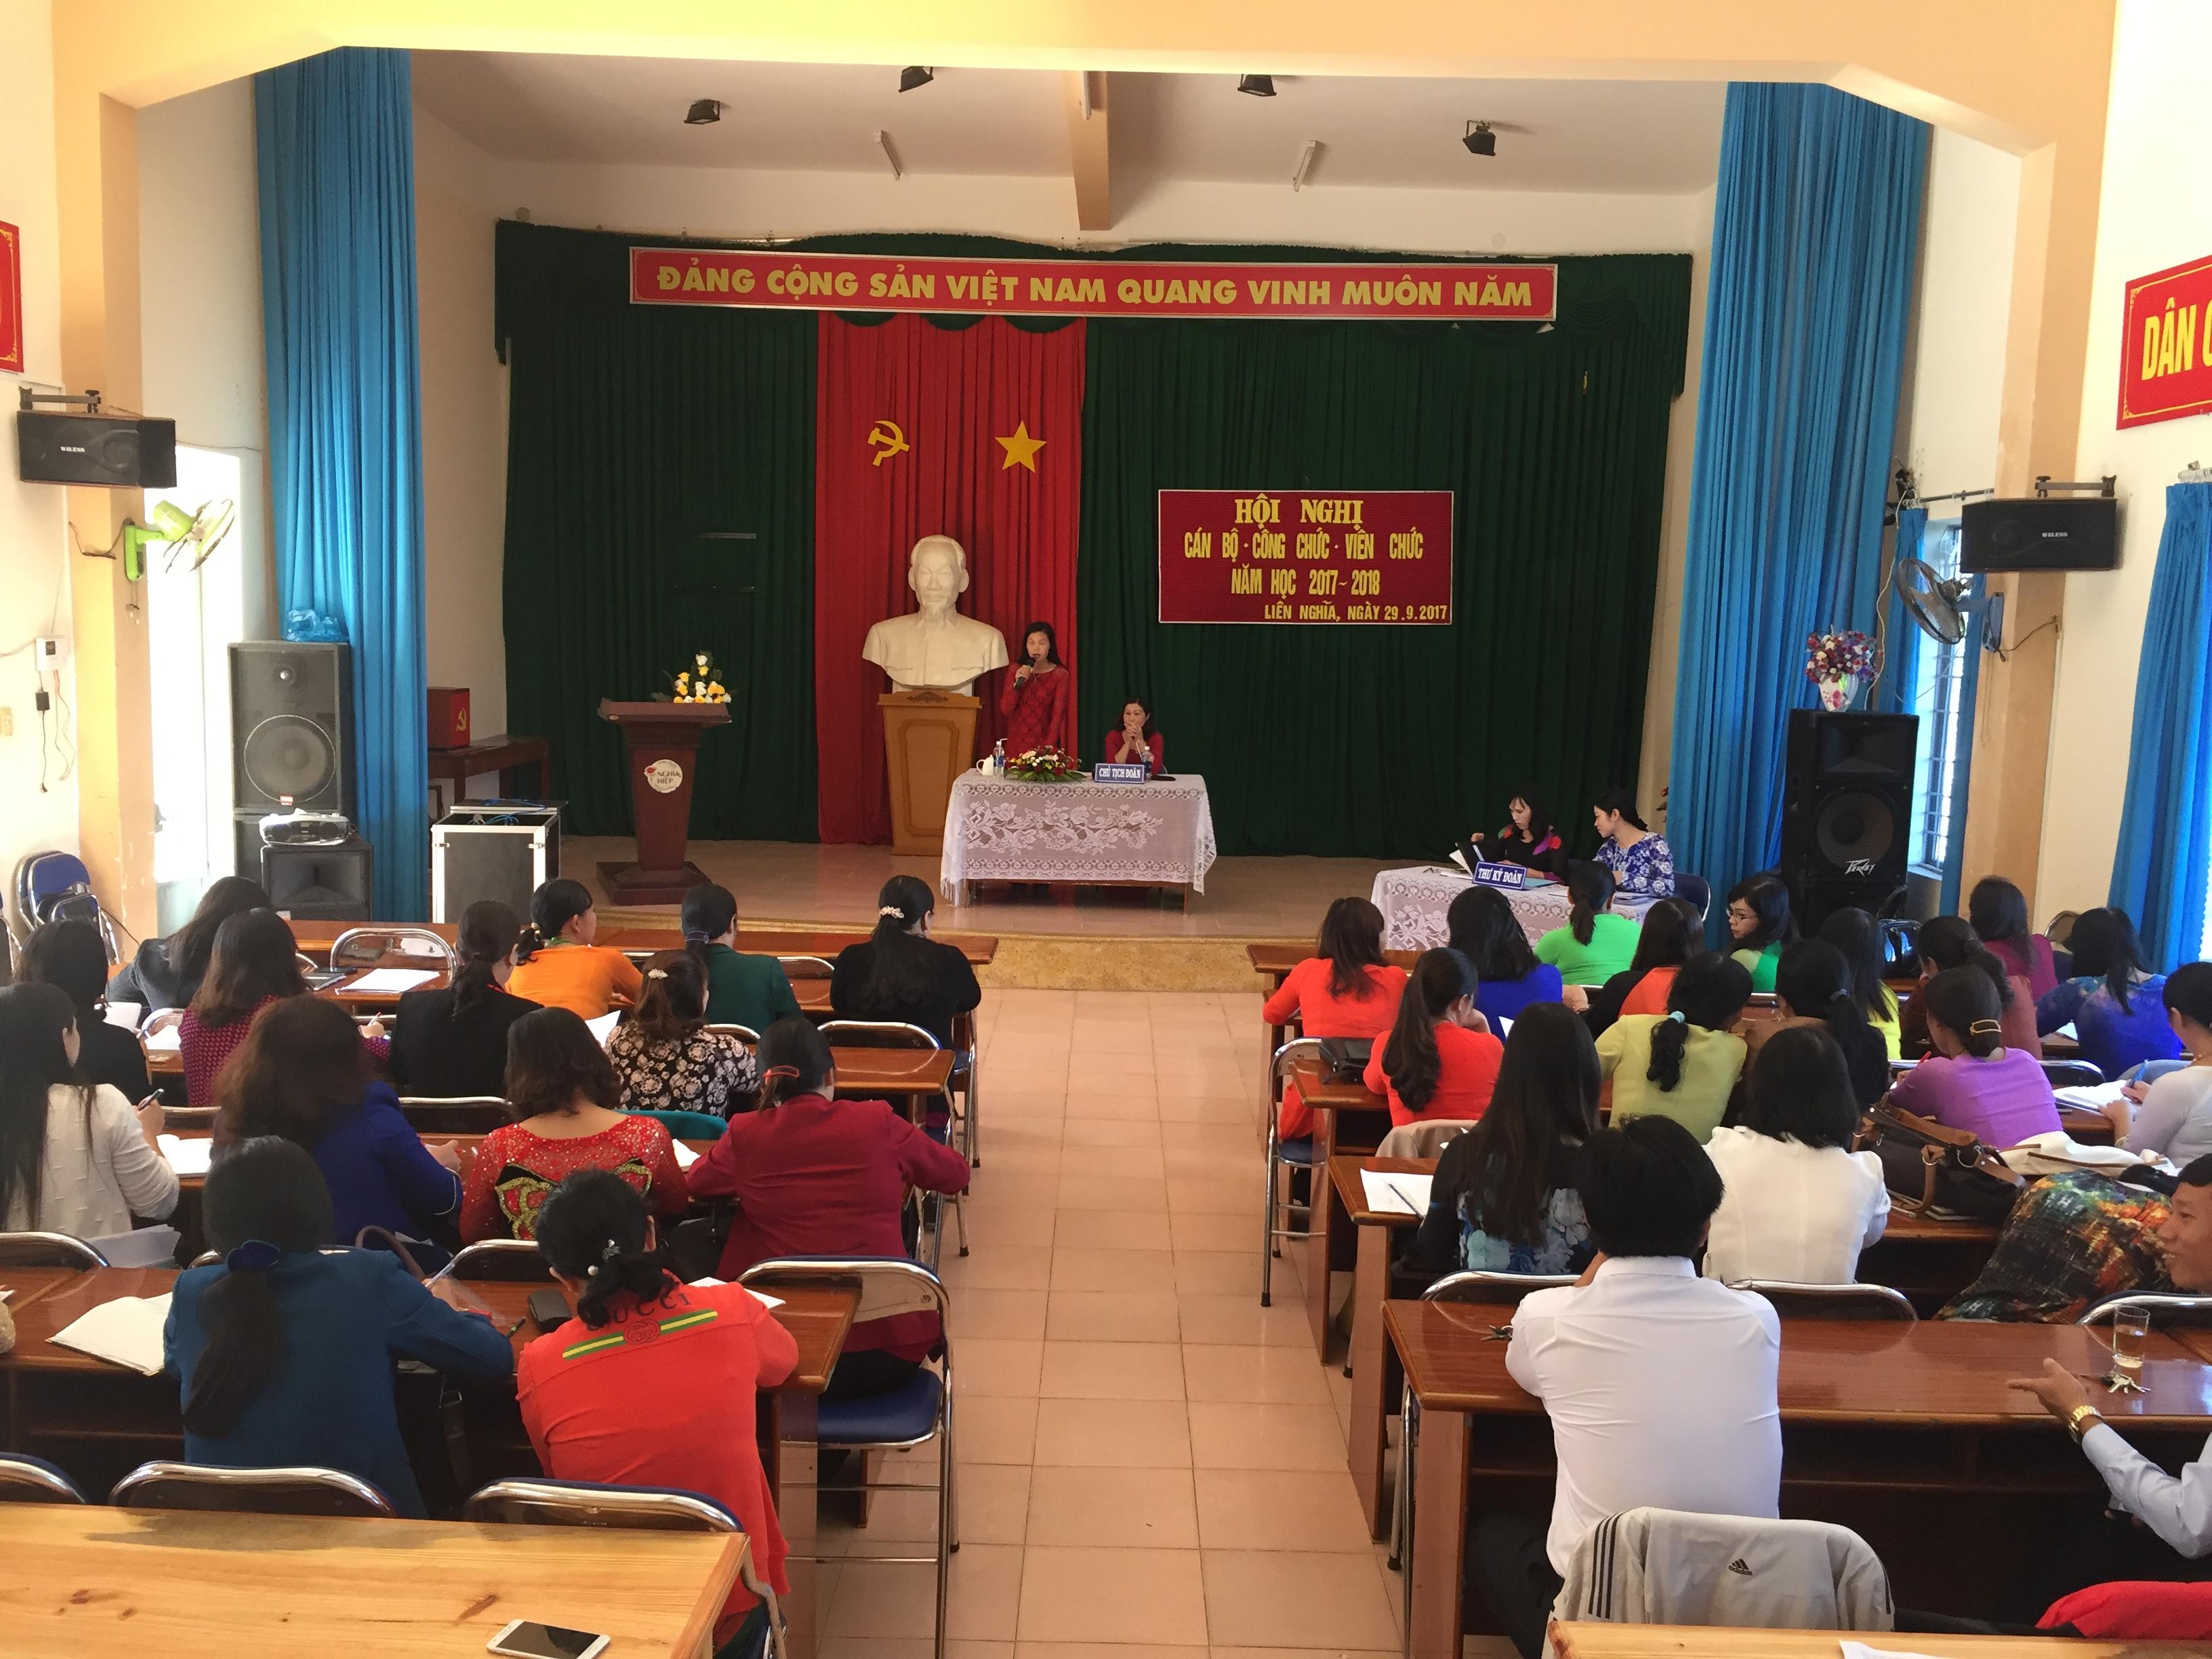 Hội nghị cán bộ công chức – Viên chức TH Nghĩa Hiệp 2017 – 2018